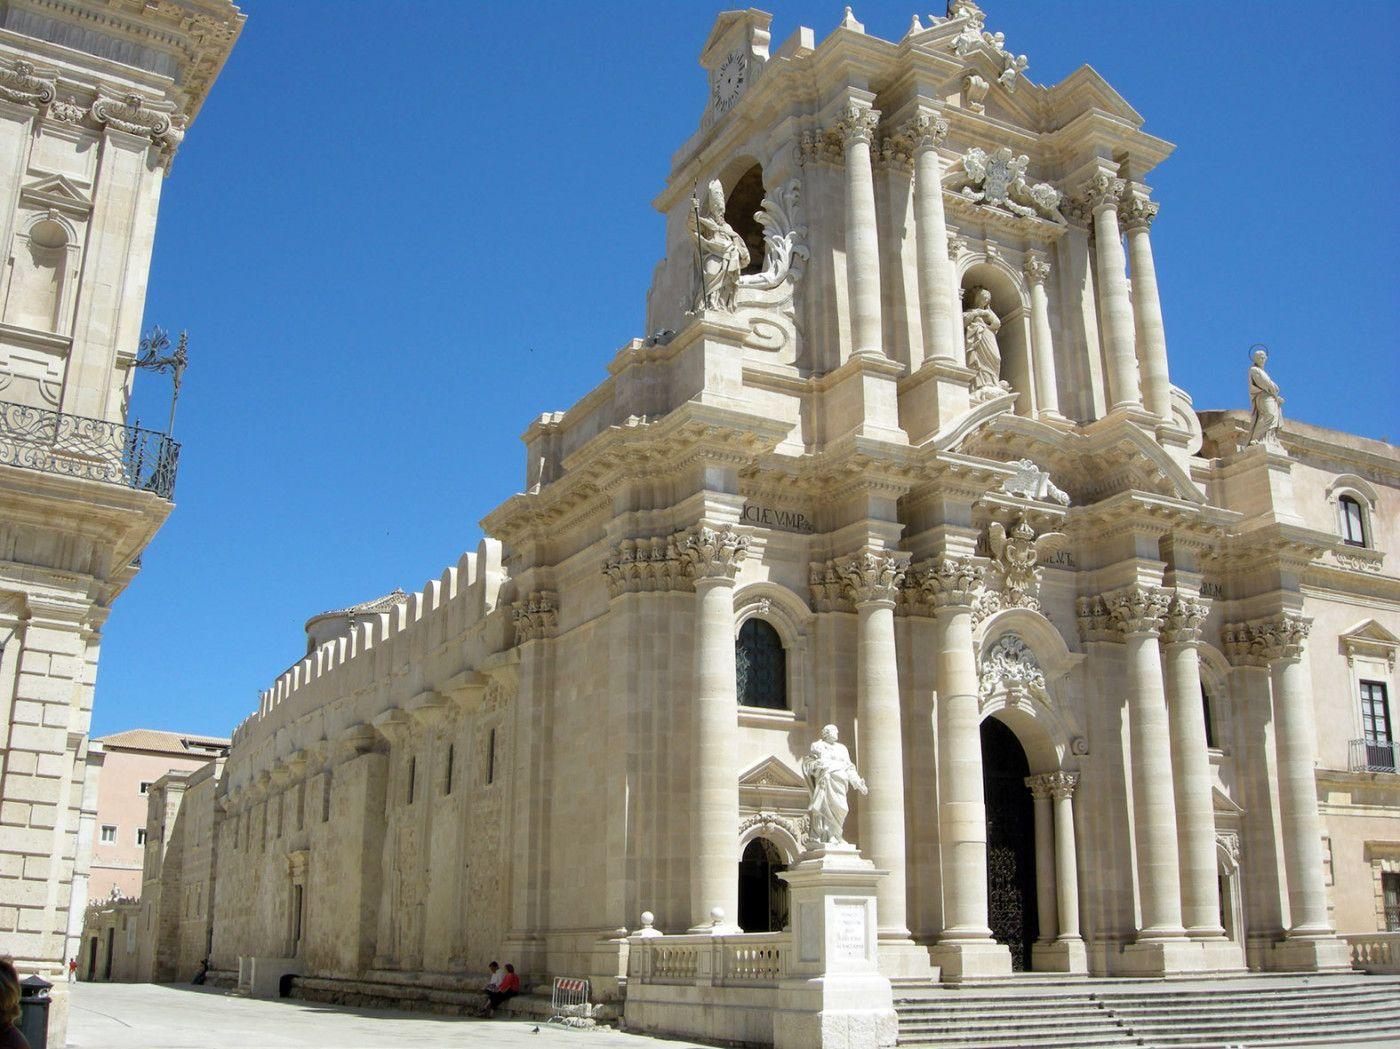 Cattedrale di Siracusa. Italia: cinque meraviglie che mi sono rimaste nel cuore – La sottile linea d'ombra